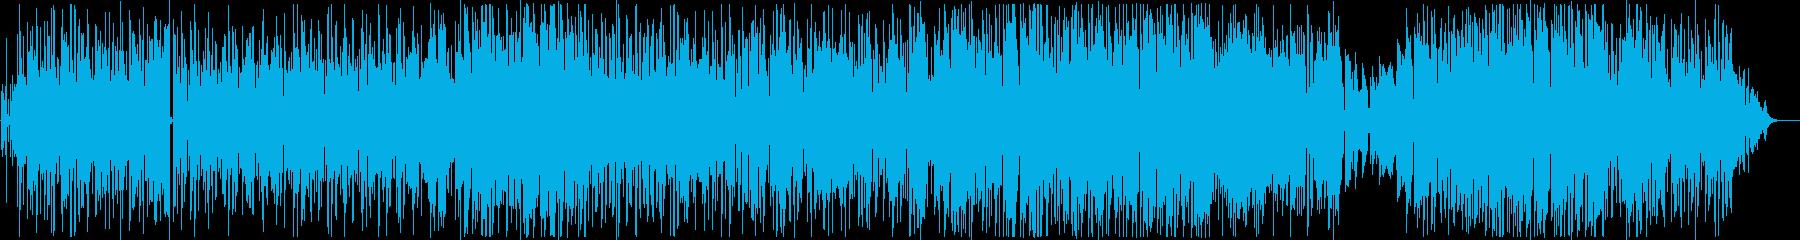 ゆったりしたリズム・切ないメロディーの再生済みの波形